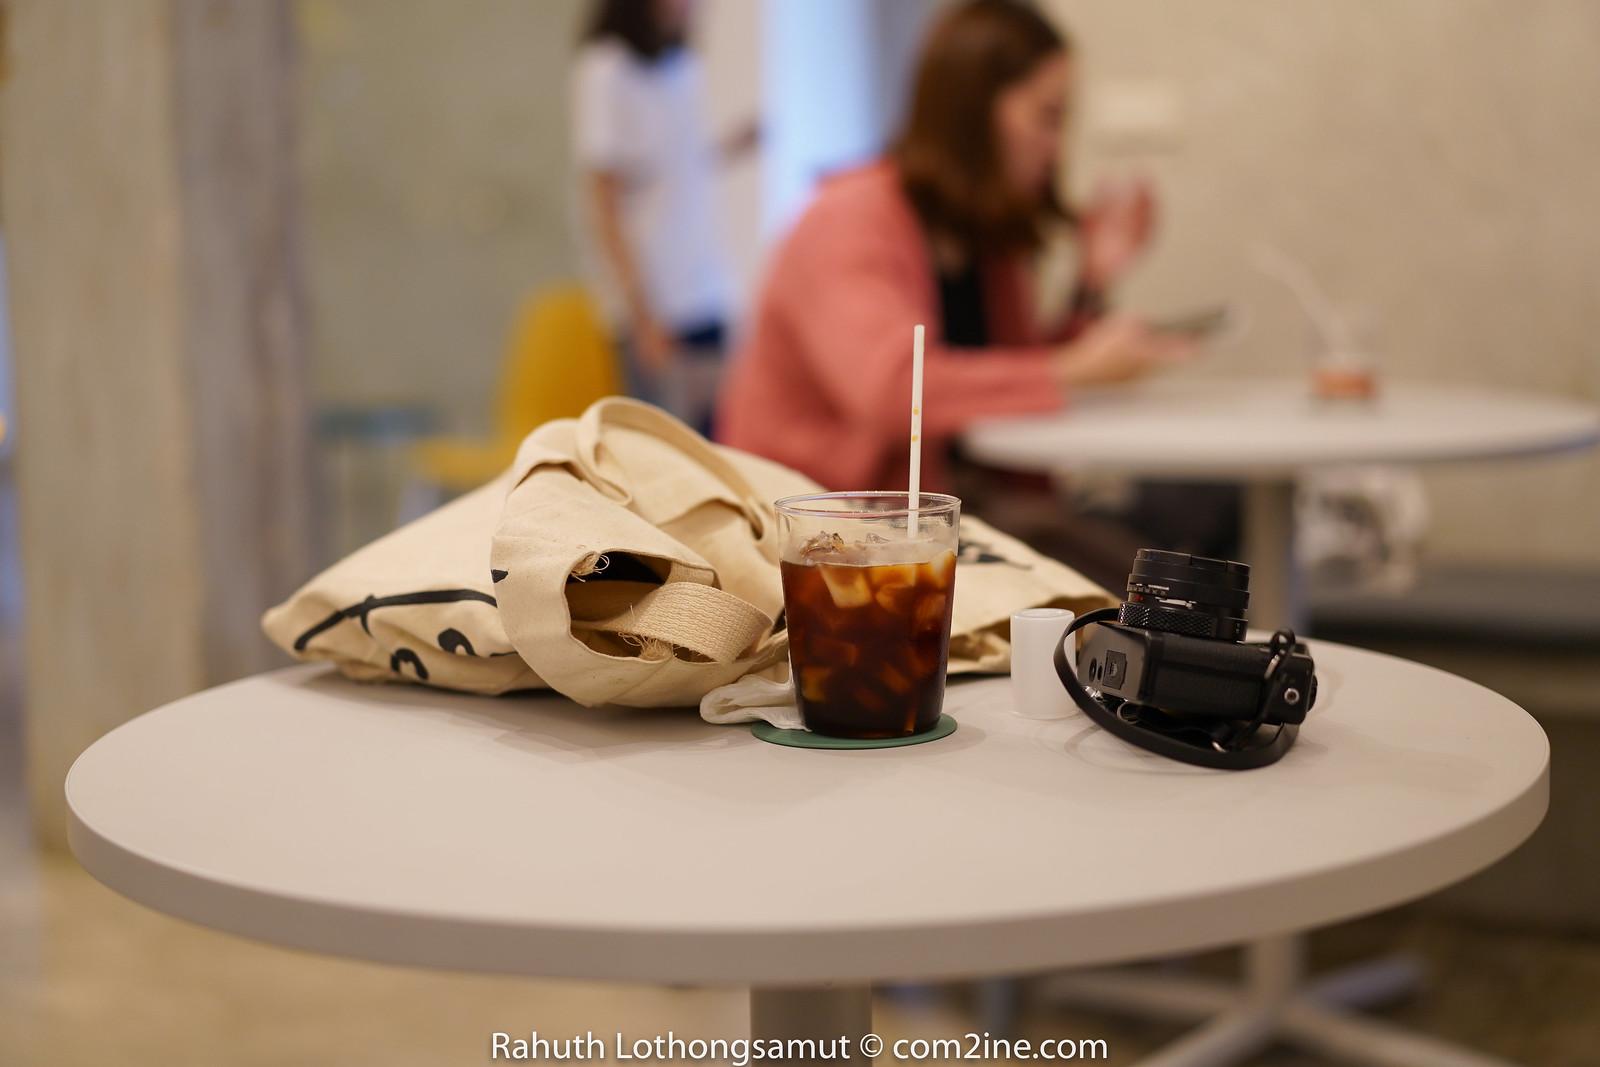 บรรยากาศ  ARCH Cafe - คาเฟ่ติด บีทีเอส ปุณณวิถี